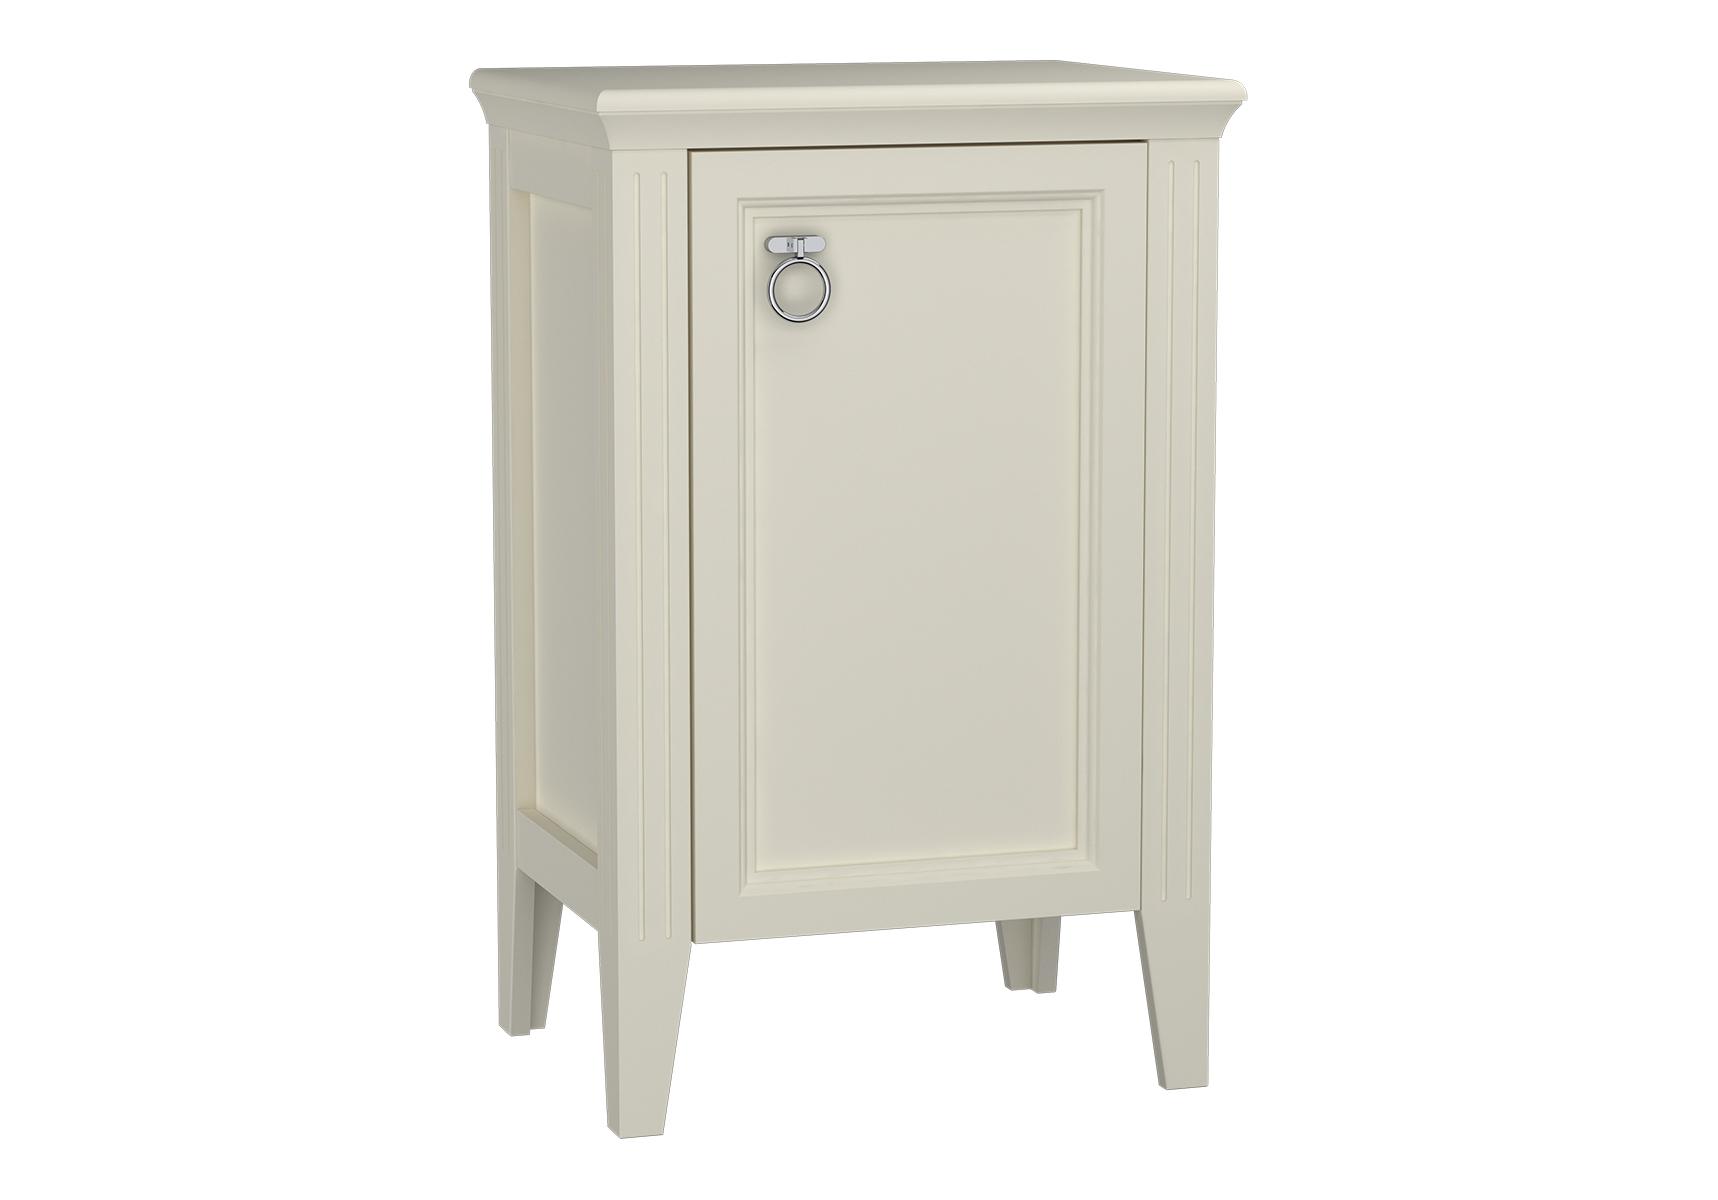 Valarte armoire mi-haute, 55 cm, porte à droite, ivoire mat